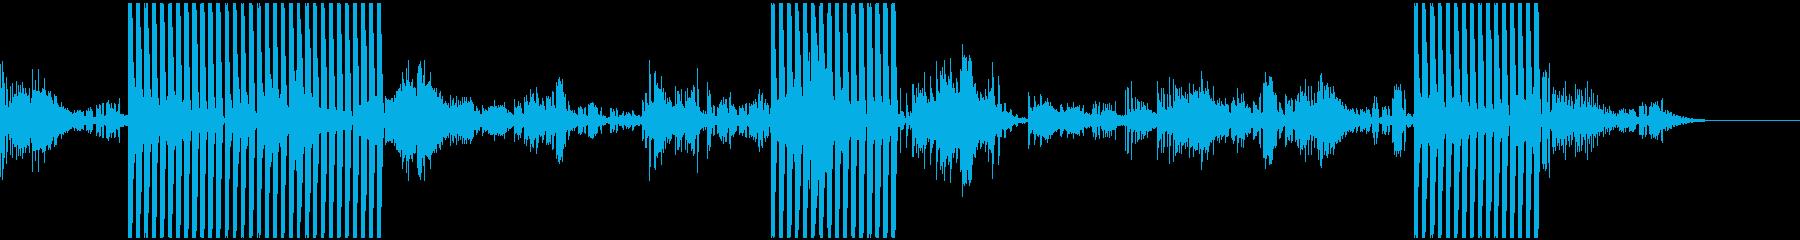 (静かシンプル)見えない力に導かれる様子の再生済みの波形